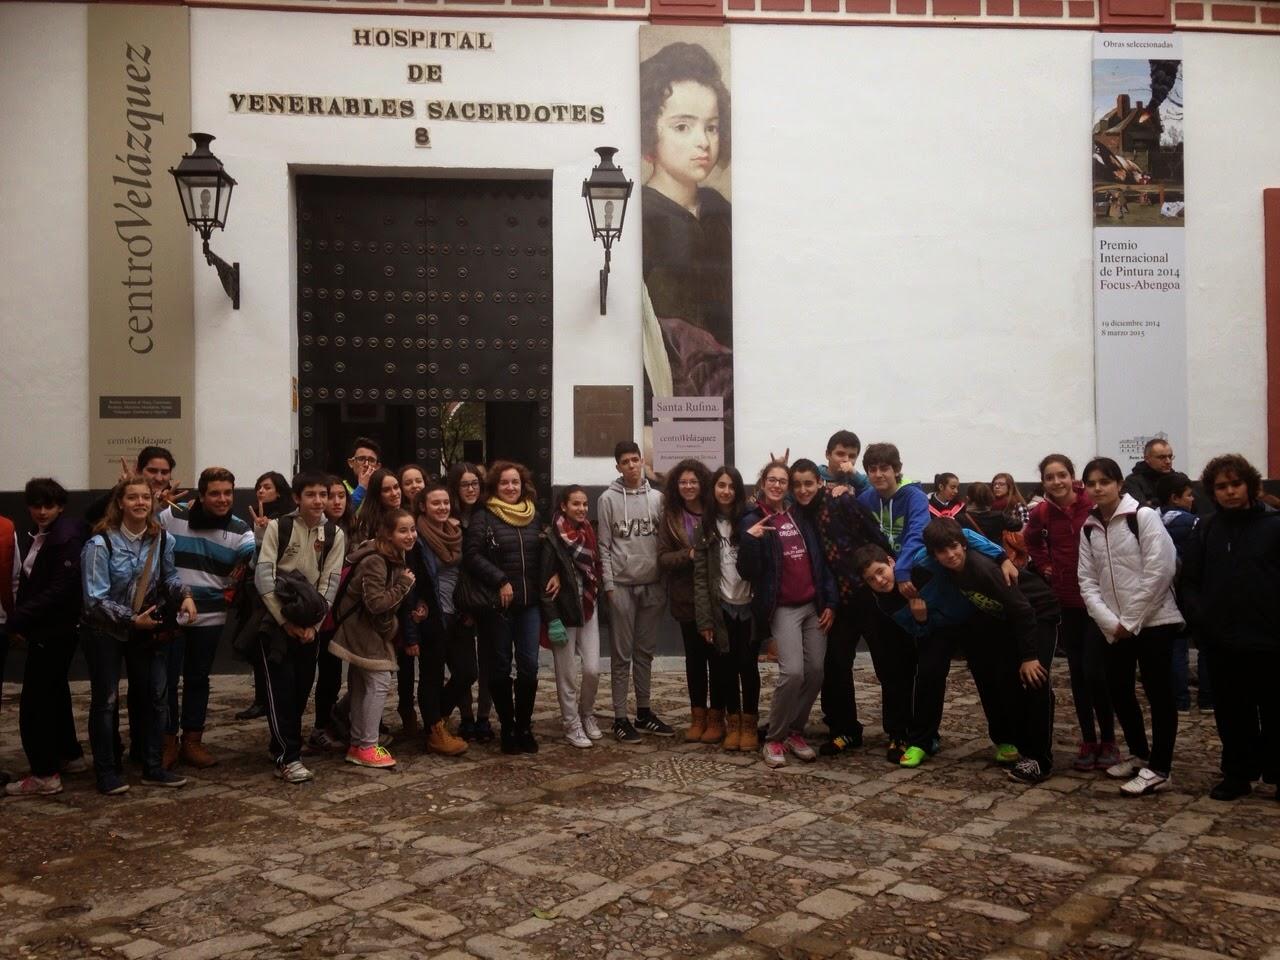 Ies ciudad jard n sevilla concierto did ctico de rgano for Instituto ciudad jardin